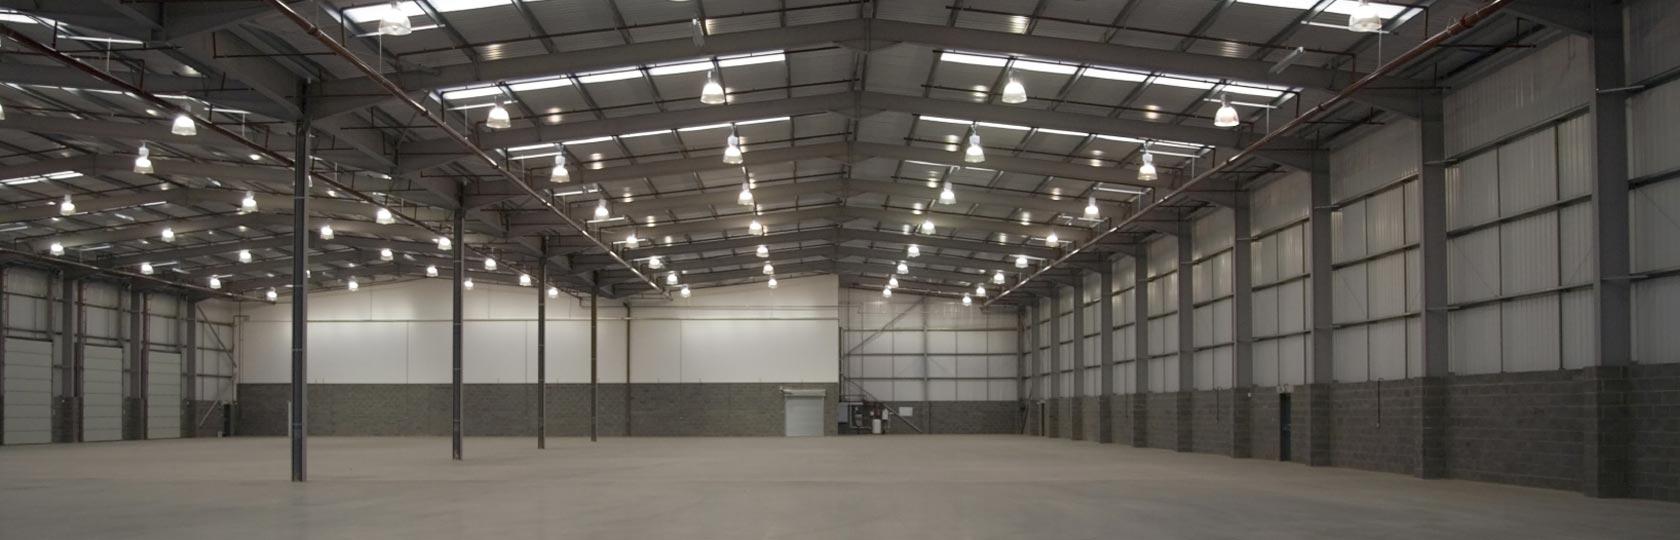 bonded warehouse india